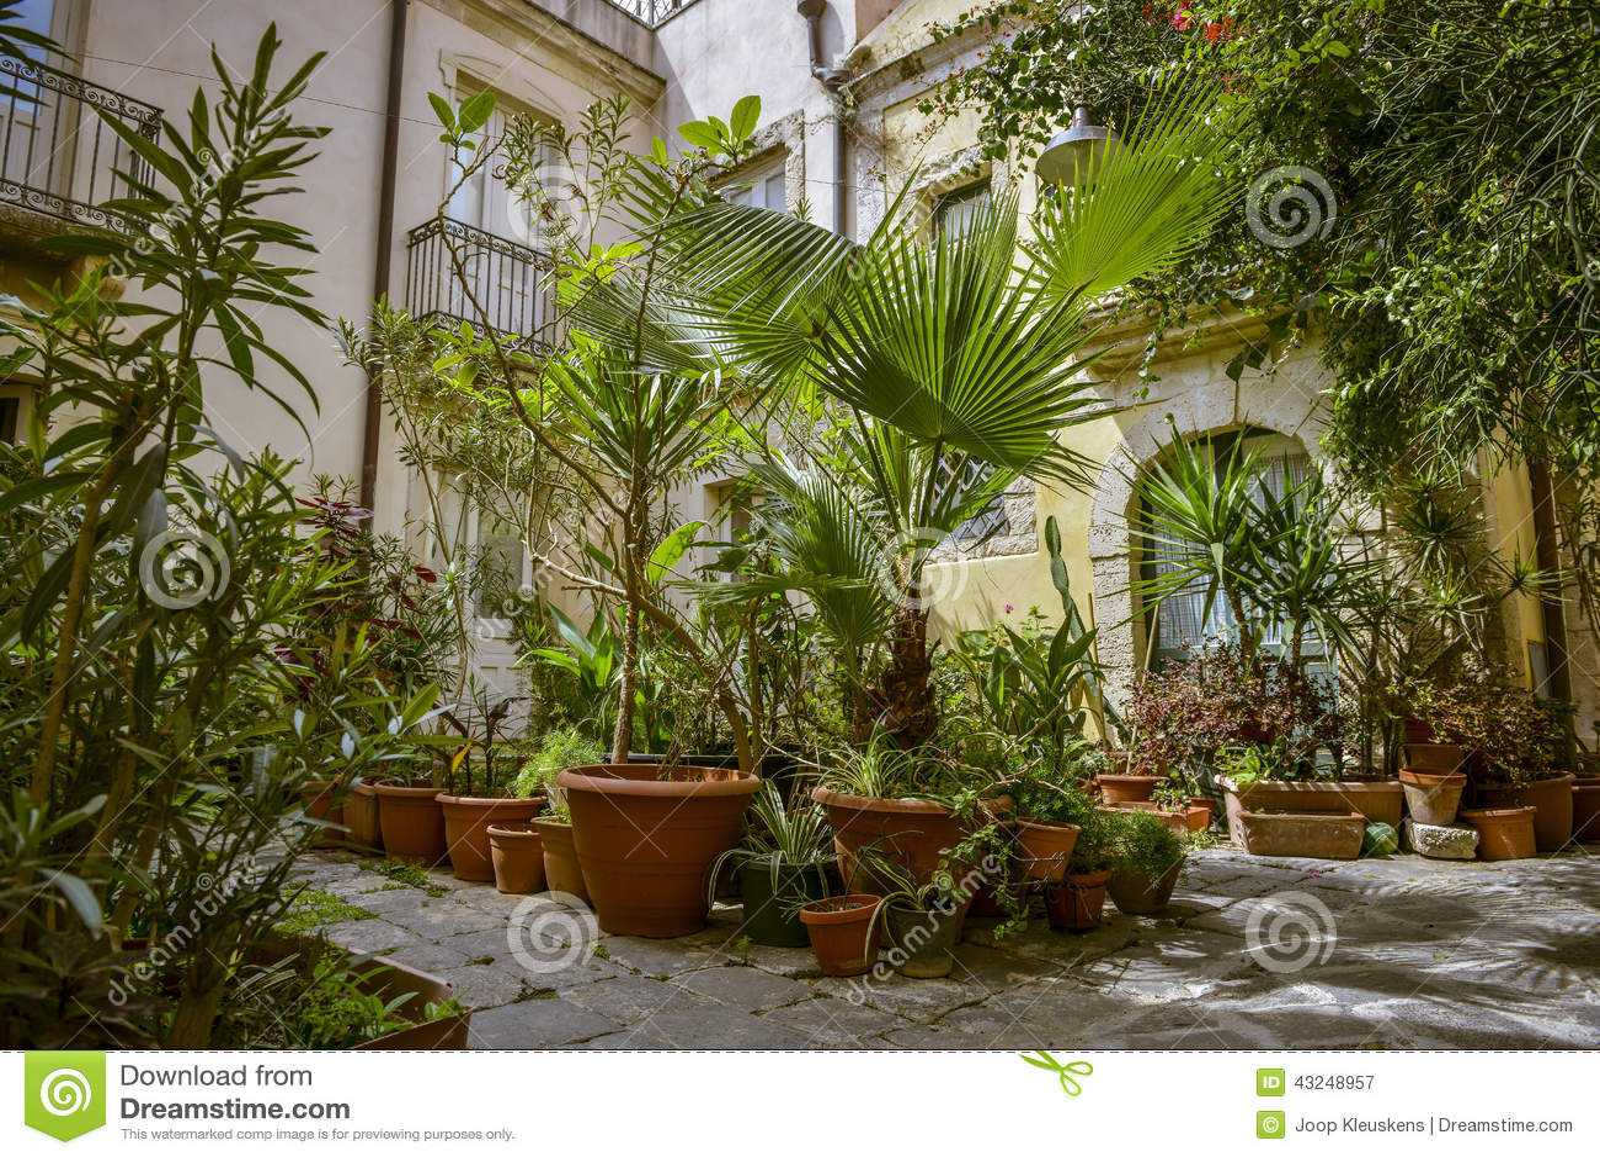 Giardino con i vasi di terracotta immagine stock immagine di frondoso italia 43248957 - Vasi in terracotta da giardino prezzo ...